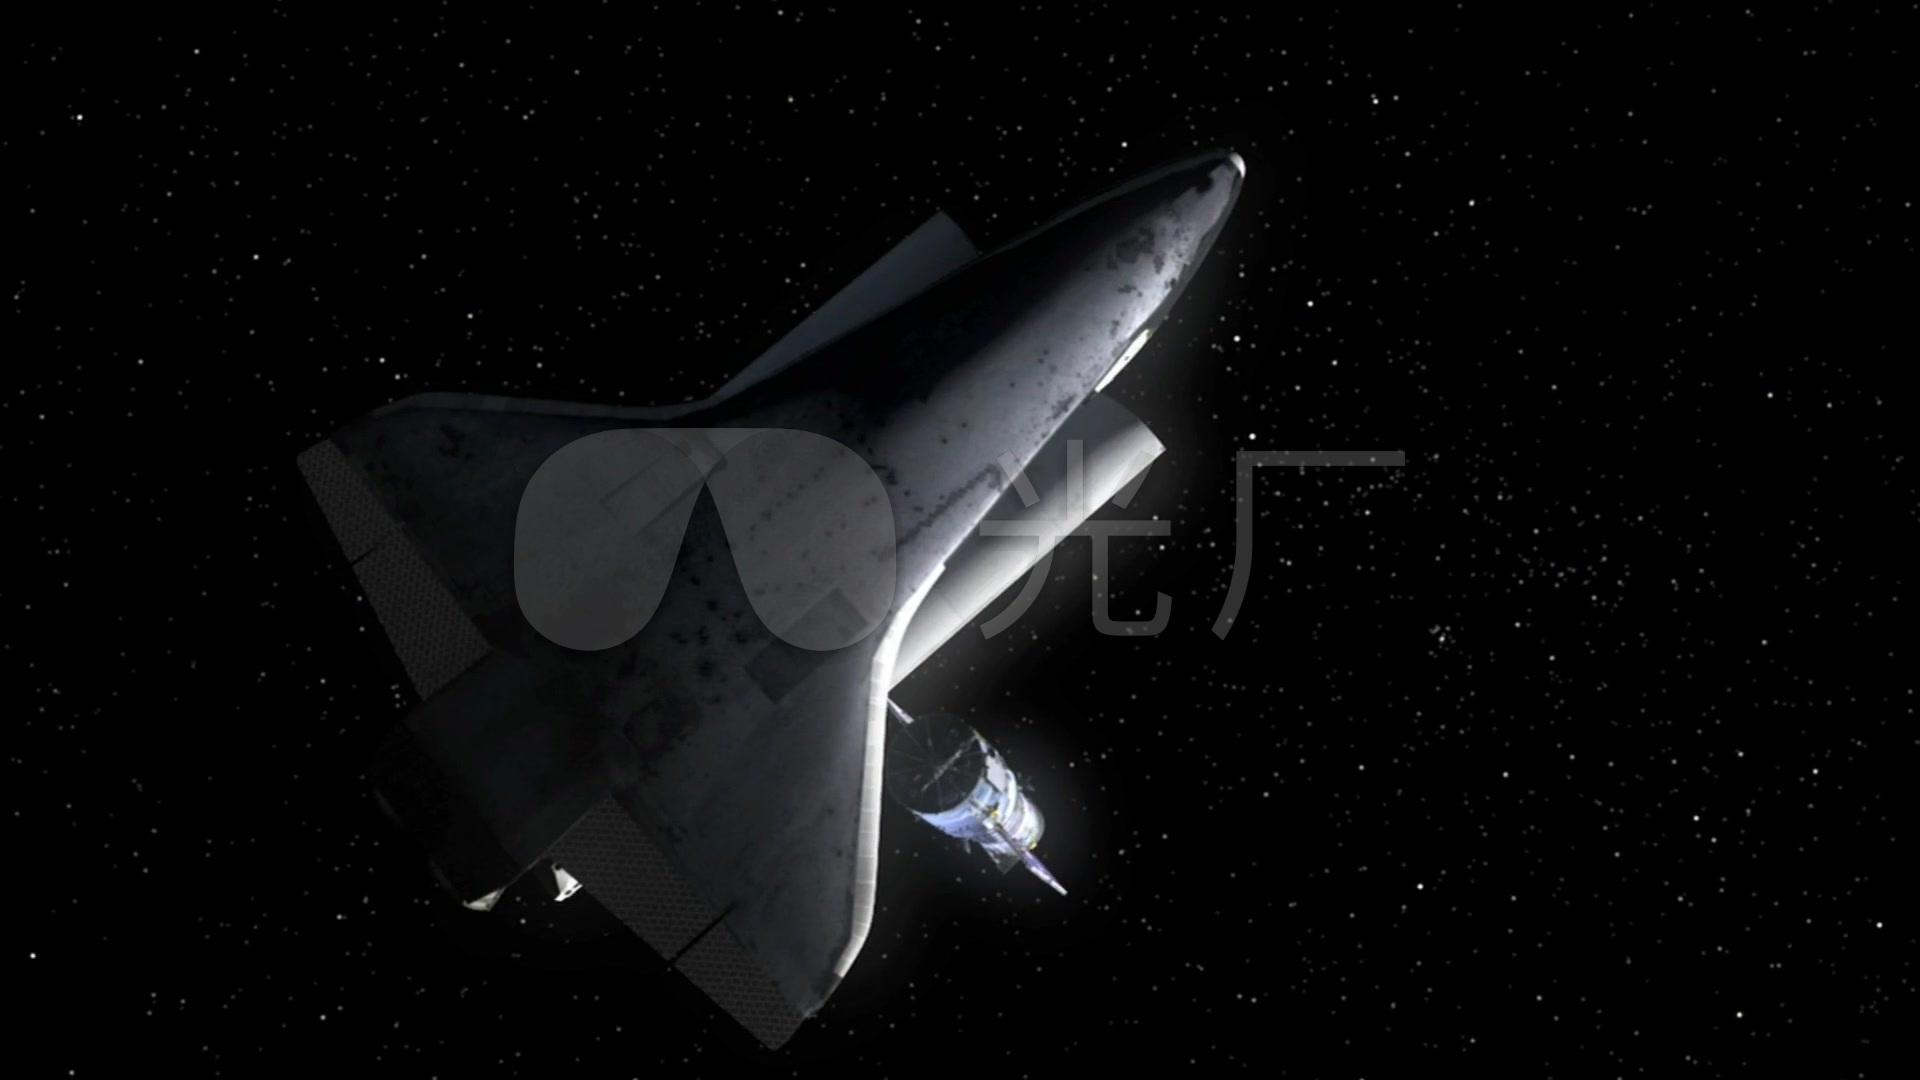 航天飞机俯瞰地球表面_1920x1080_高清视频素材下载